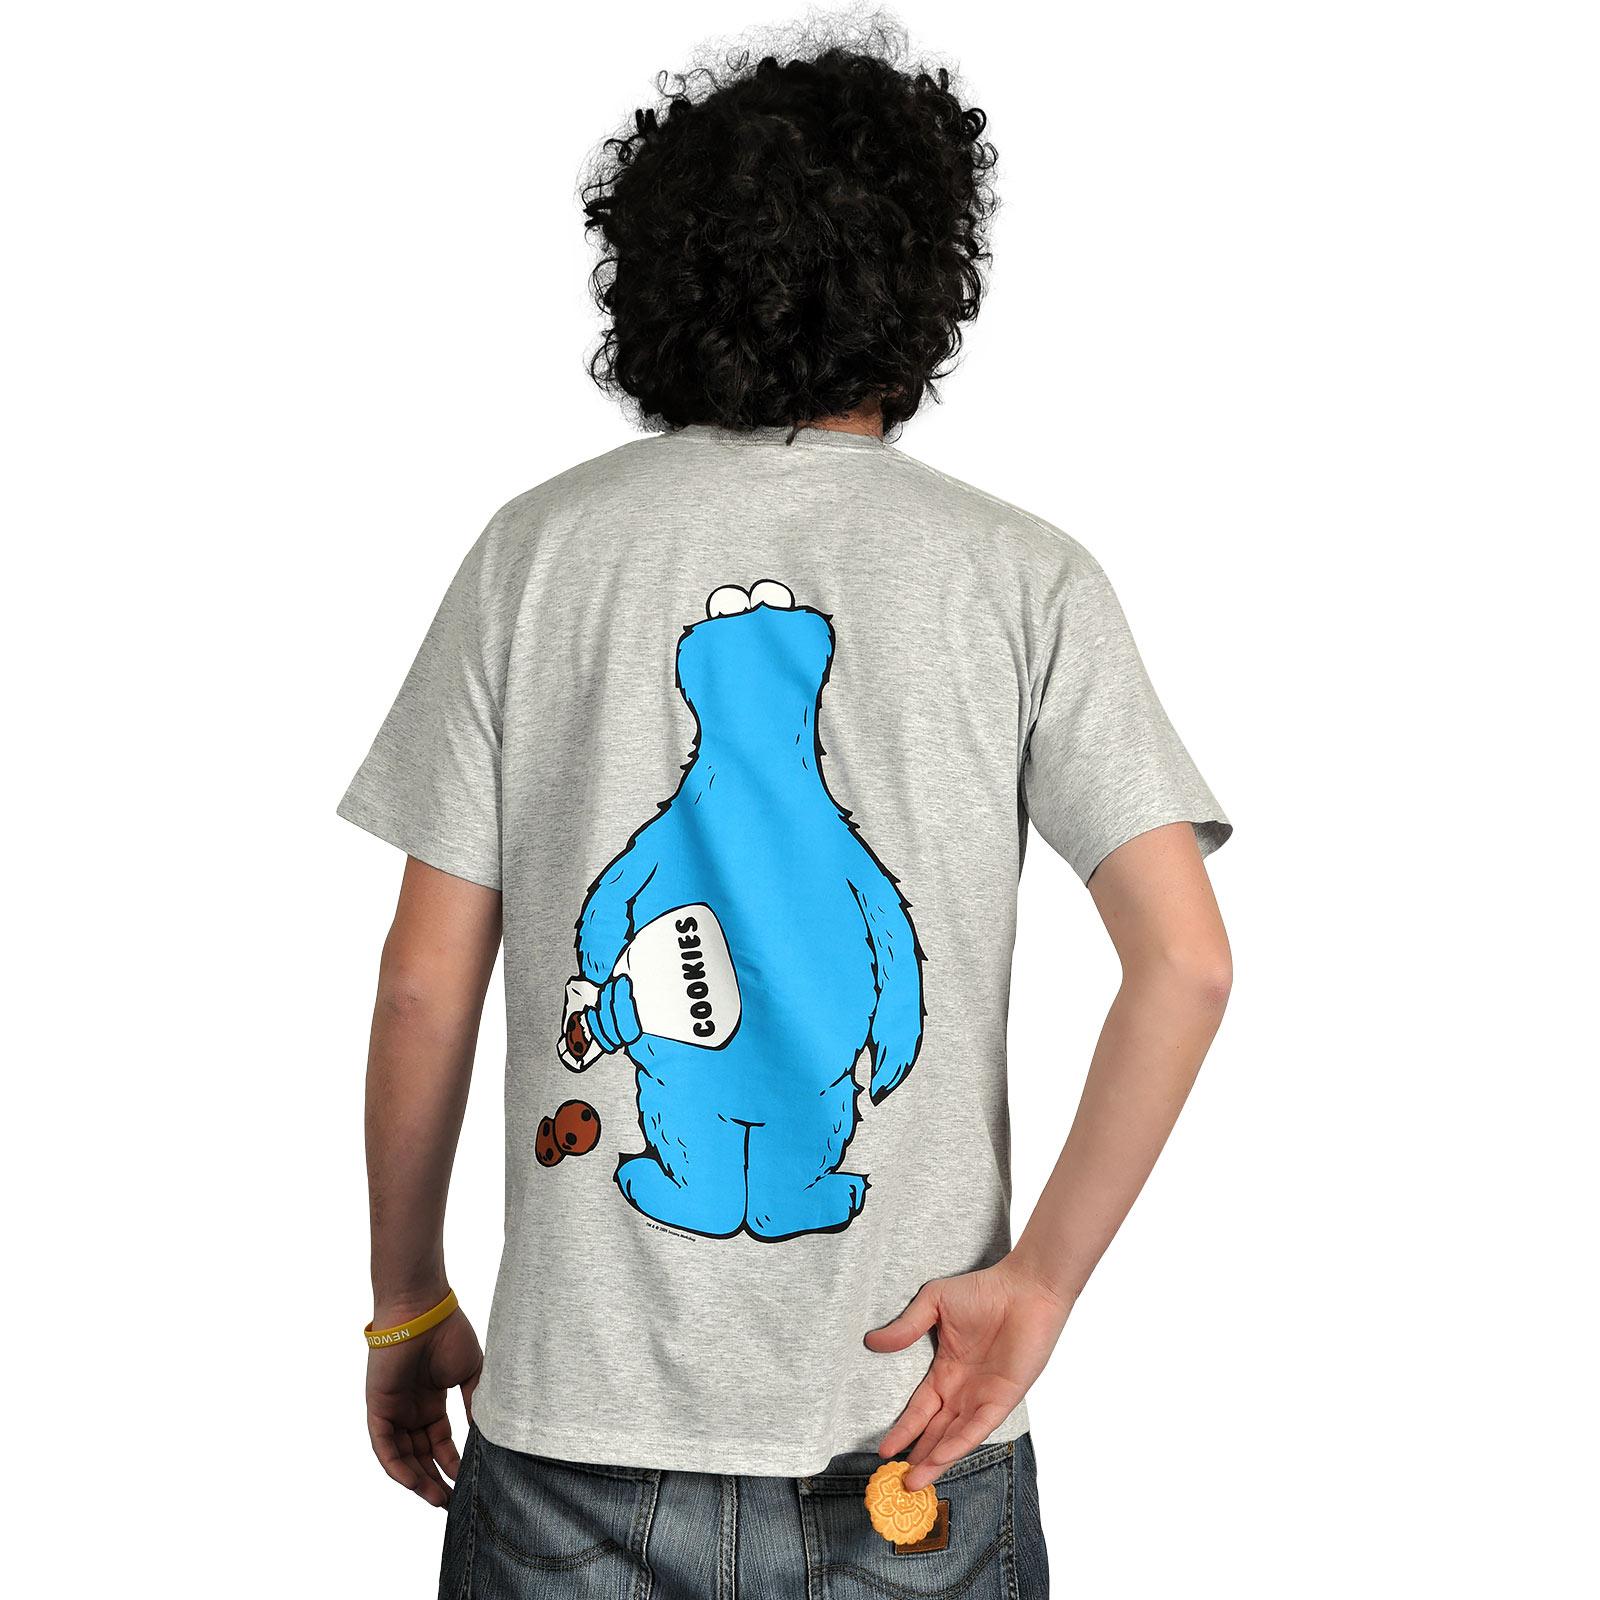 Sesamstraße - Krümelmonster Full Size T-Shirt